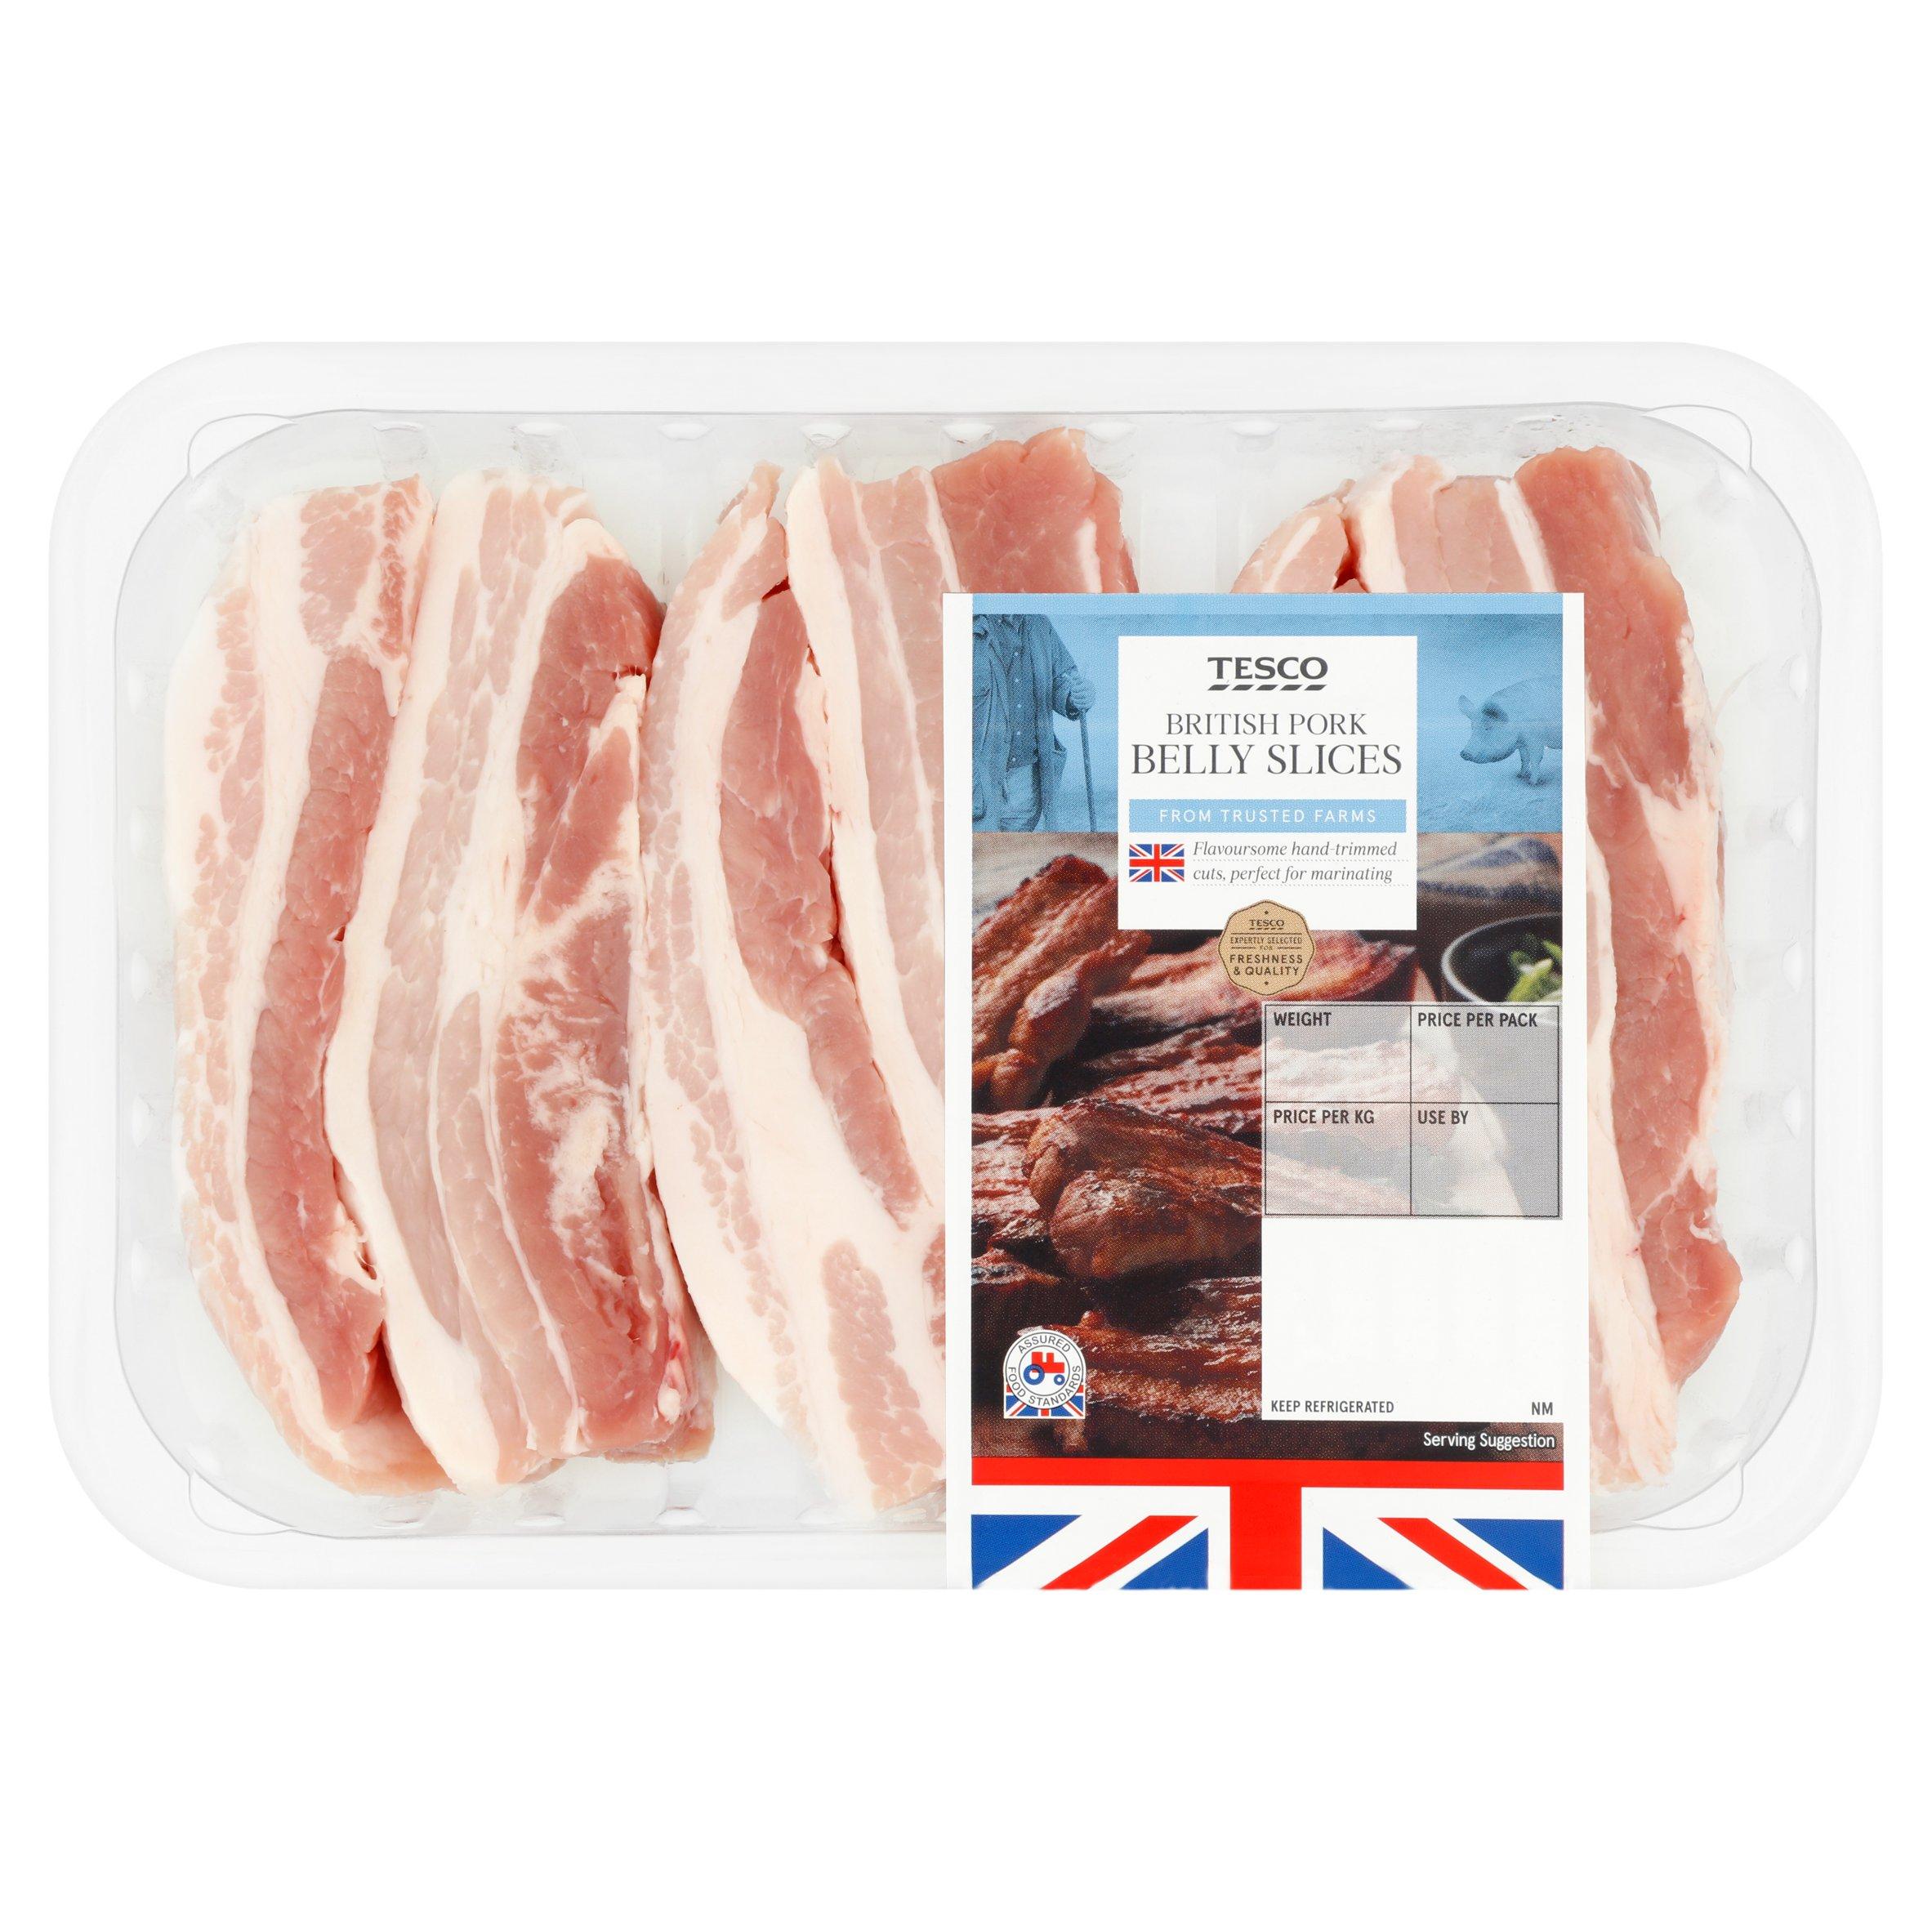 Tesco British Pork Belly Slices